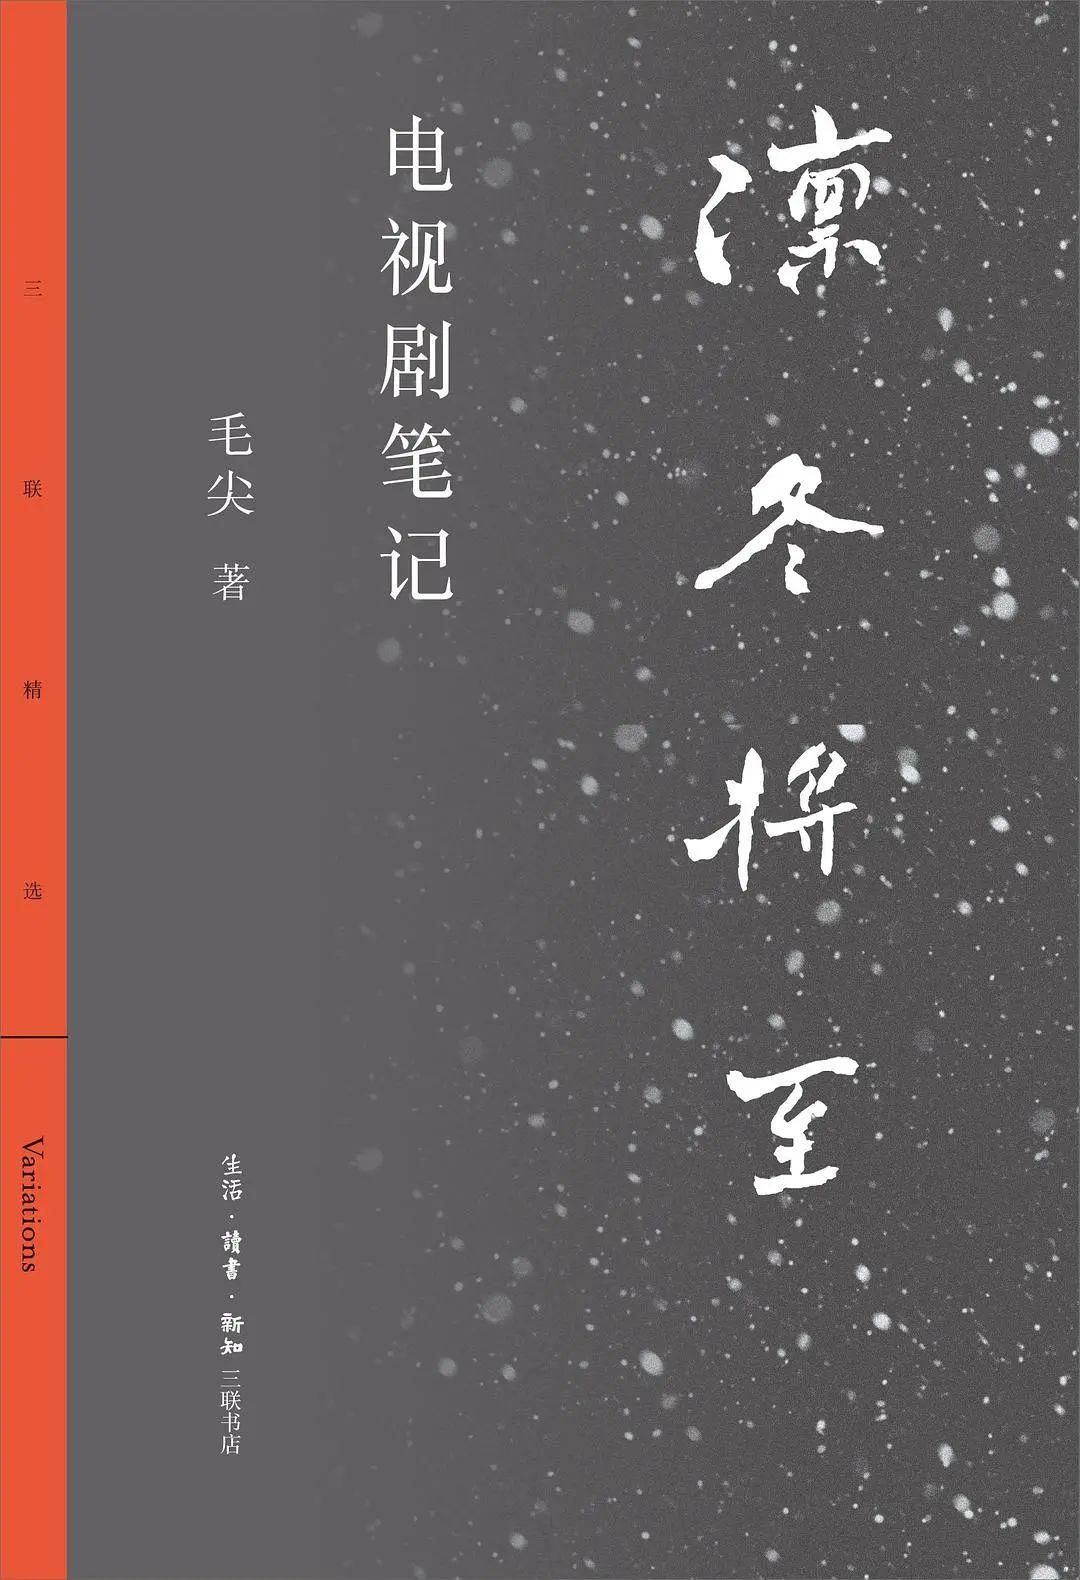 毛尖,《凛冬将至:电视剧笔记》,生活·读书·新知三联书店出版